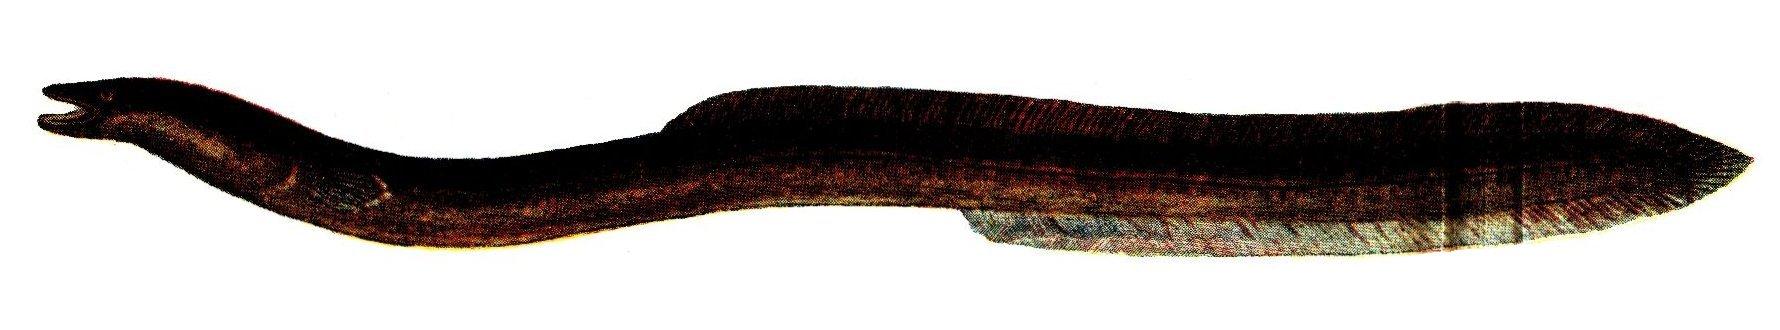 Mustard eel wallpaper